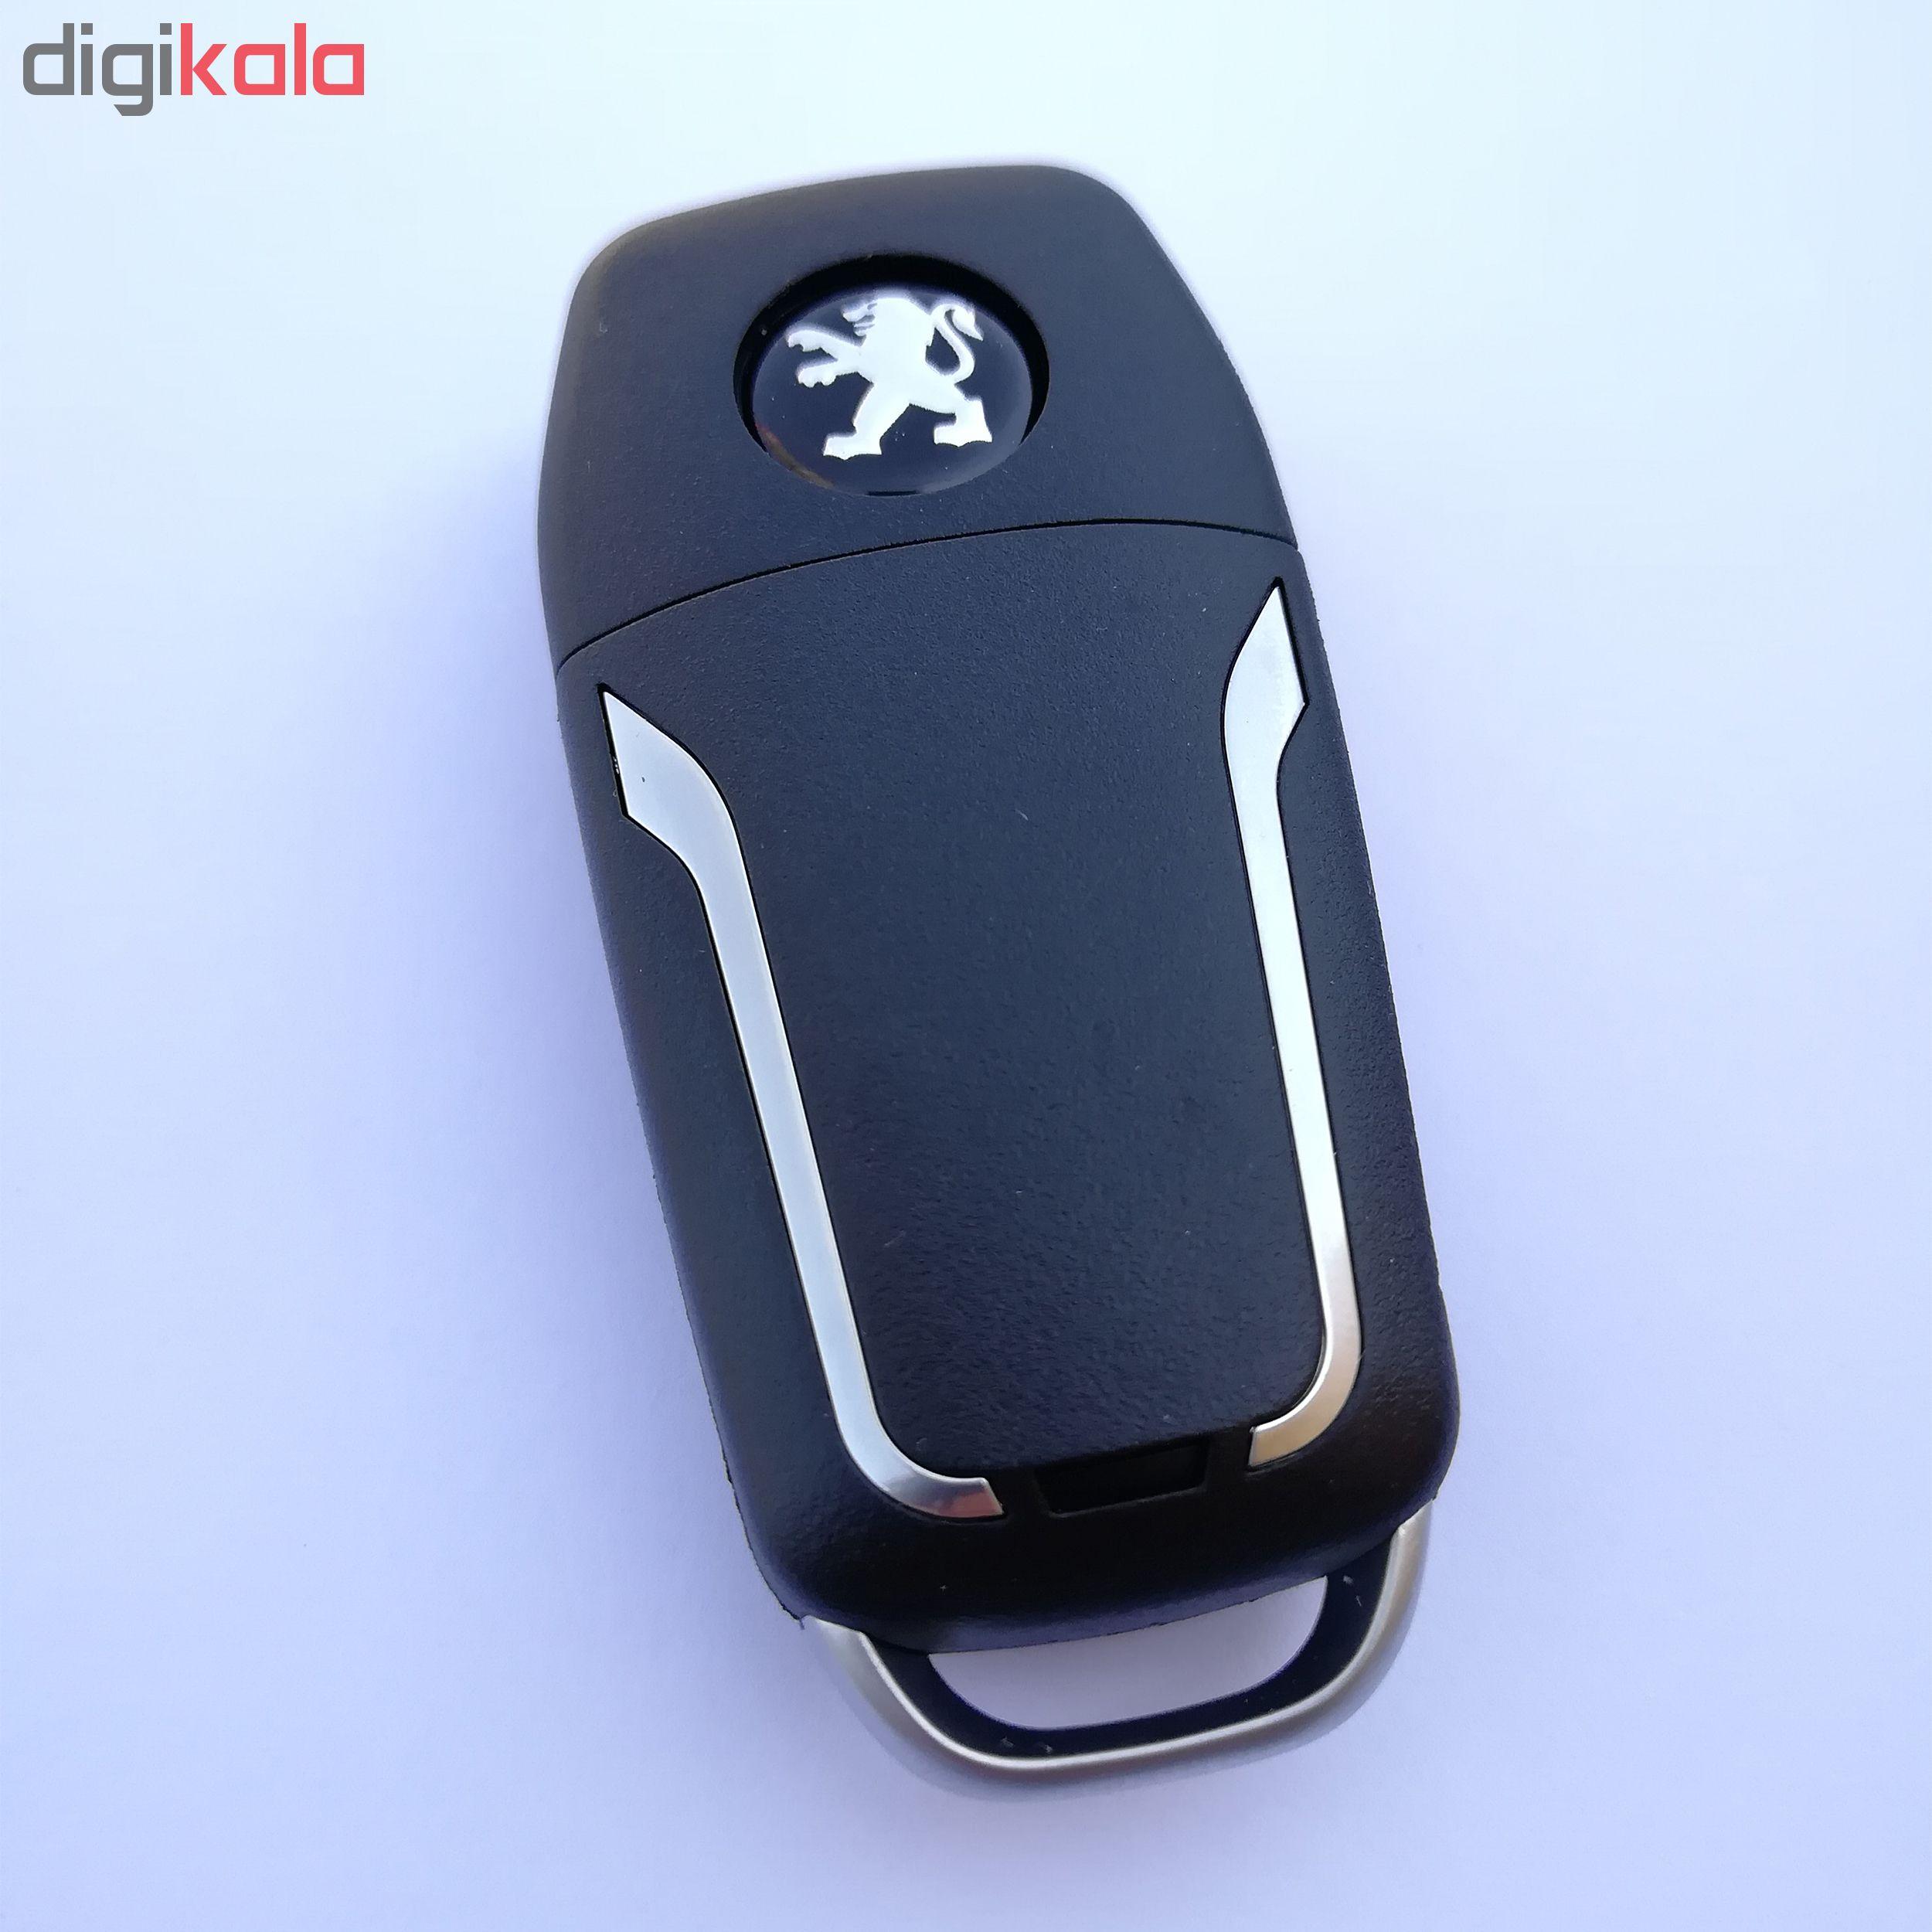 ریموت قفل مرکزی خودرو کد 013 مناسب برای پژو 206 و 207